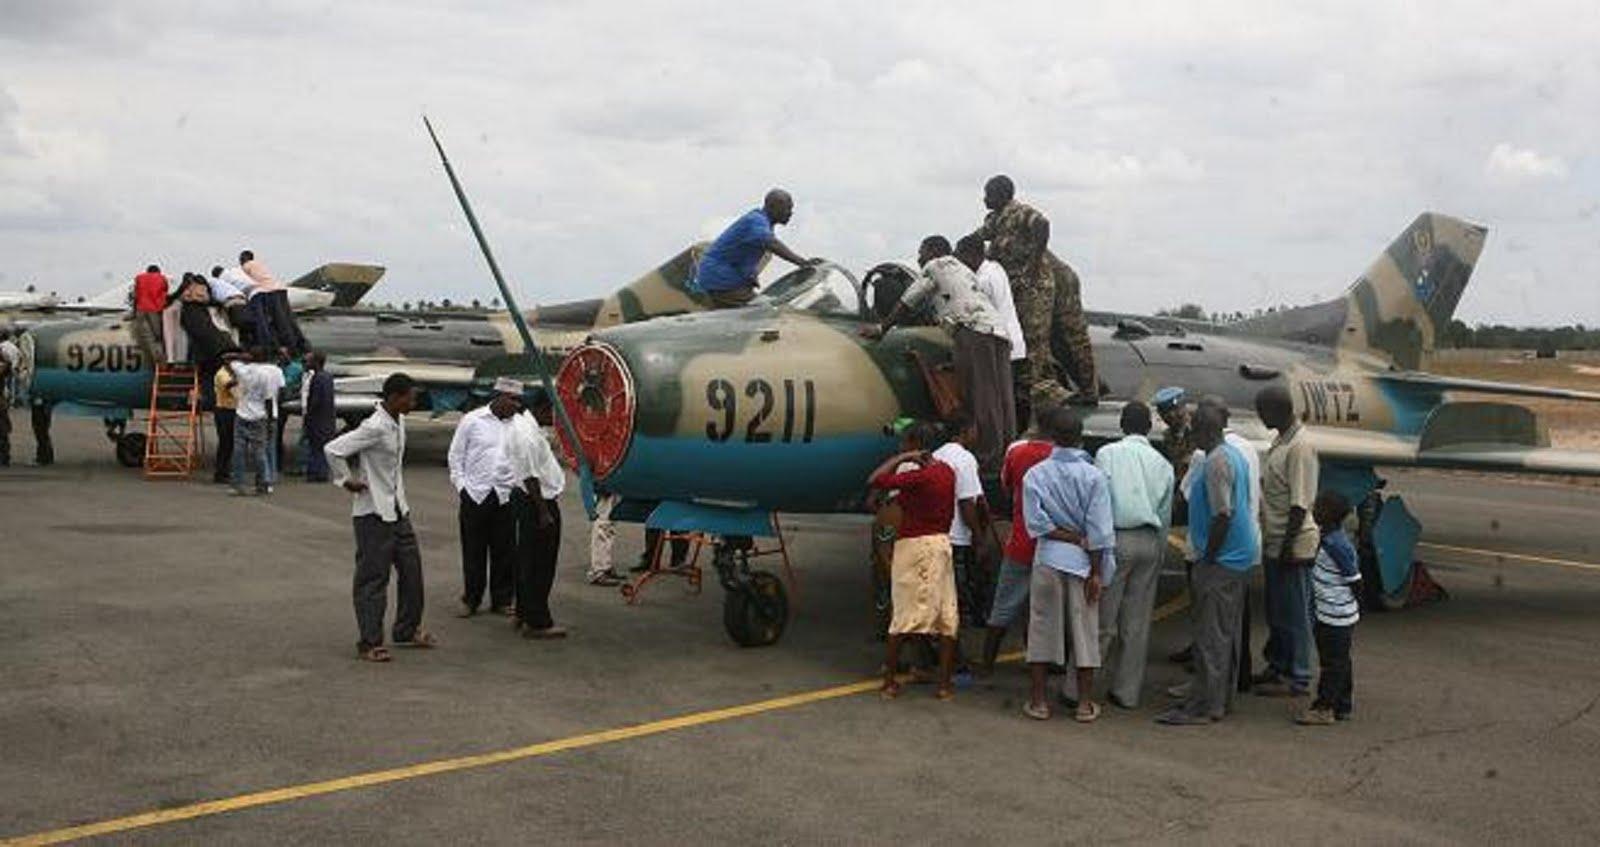 Armée tanzanienne / Tanzania Peoples' Defence Force ( TPDF ) F-6%2B9211%2BY%2B9205%2BTANZANOS%2B27-08-2009